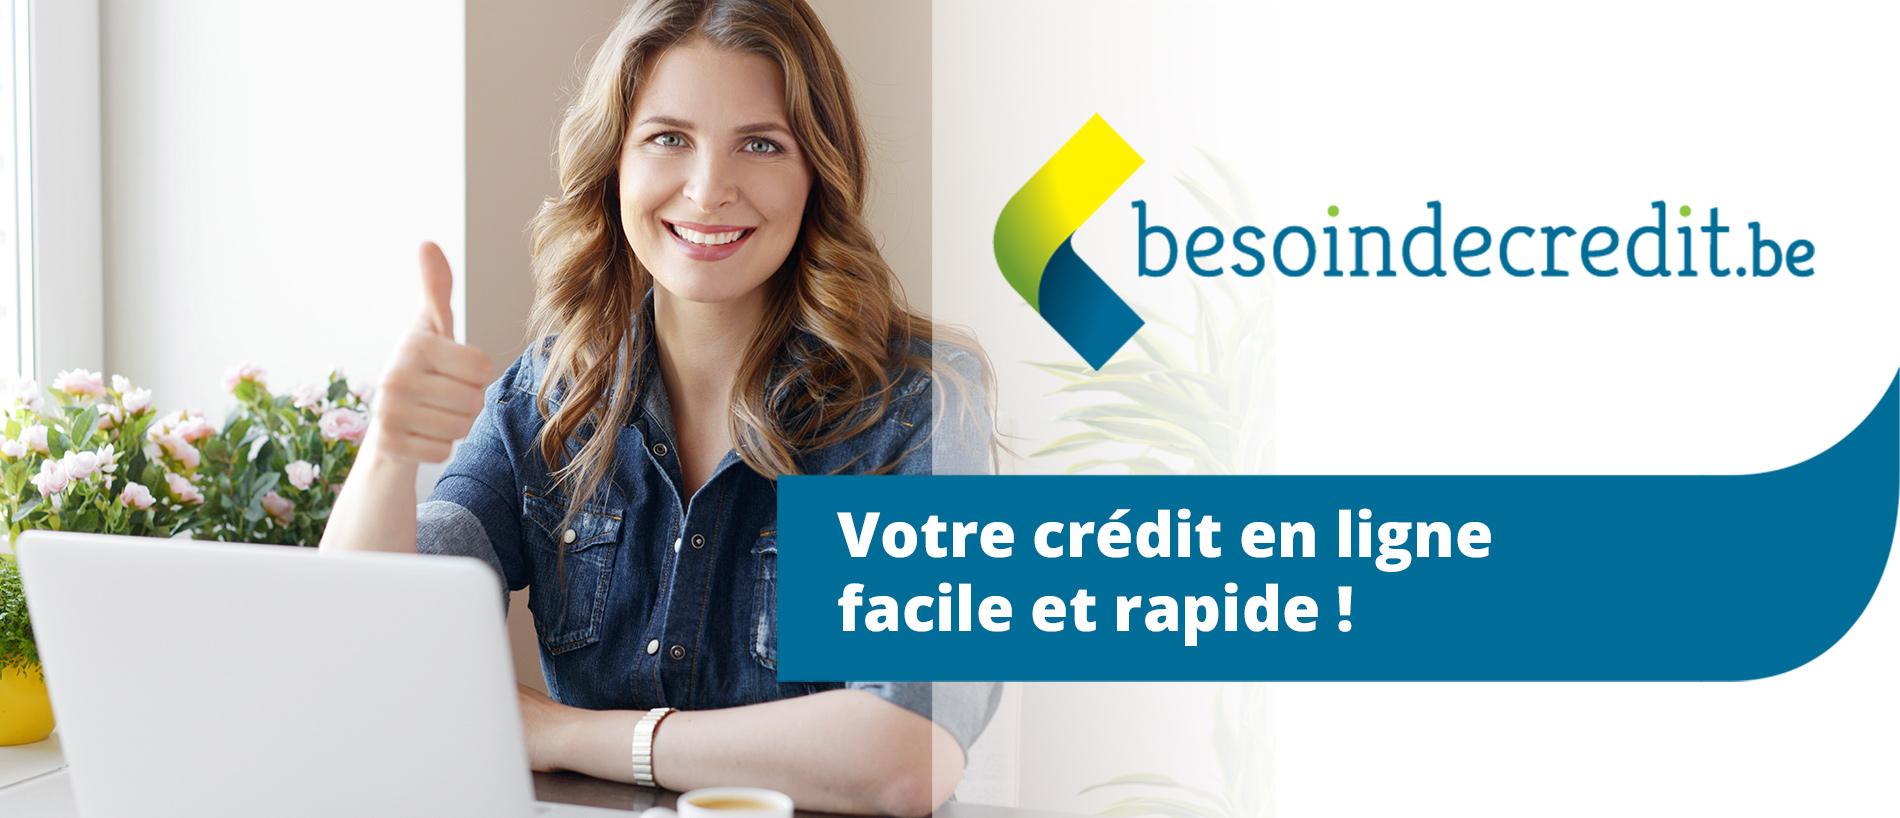 Votre crédit en ligne facile et rapide !